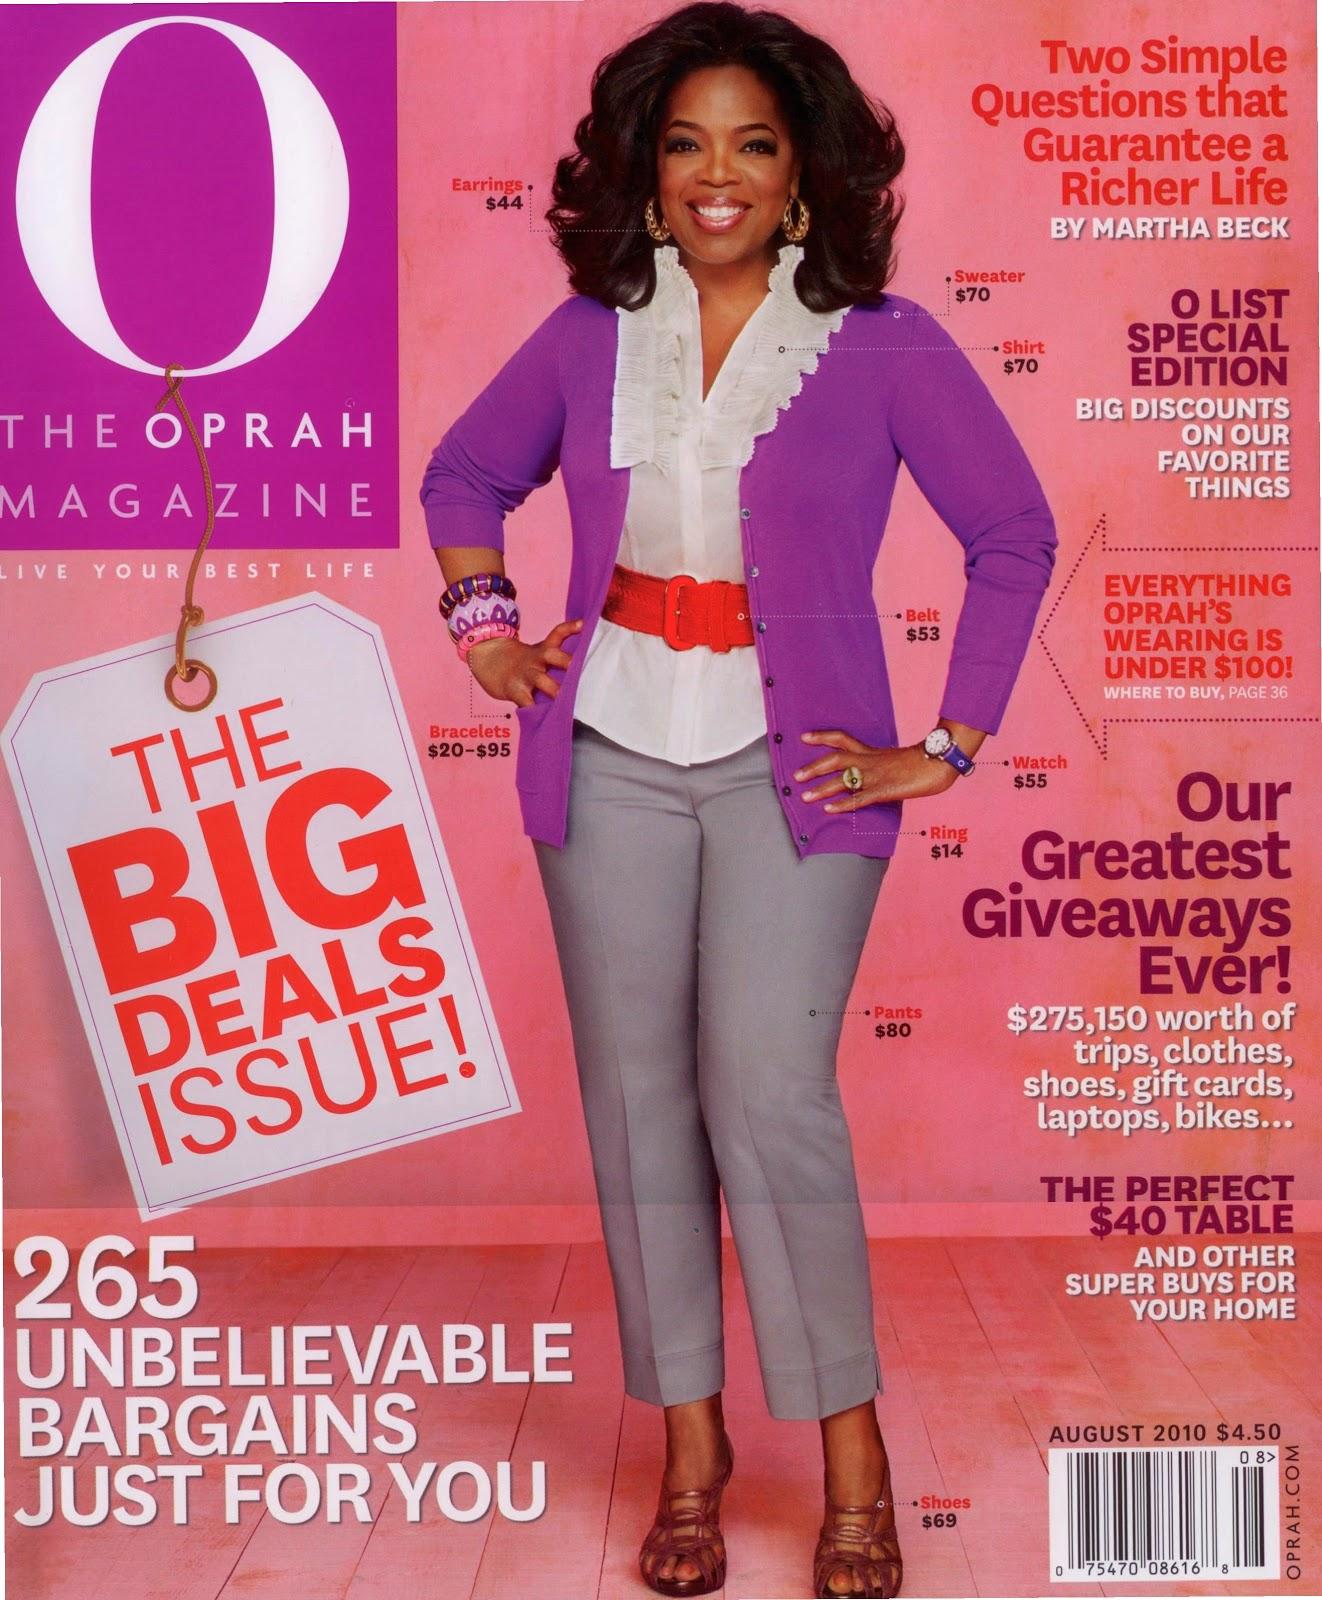 http://2.bp.blogspot.com/-G5Jz_B1oo6Q/UP5zp6HntLI/AAAAAAAAI20/l7Z3EWoHKfA/s1600/o-magazine-august-2010-cor-cover.jpg